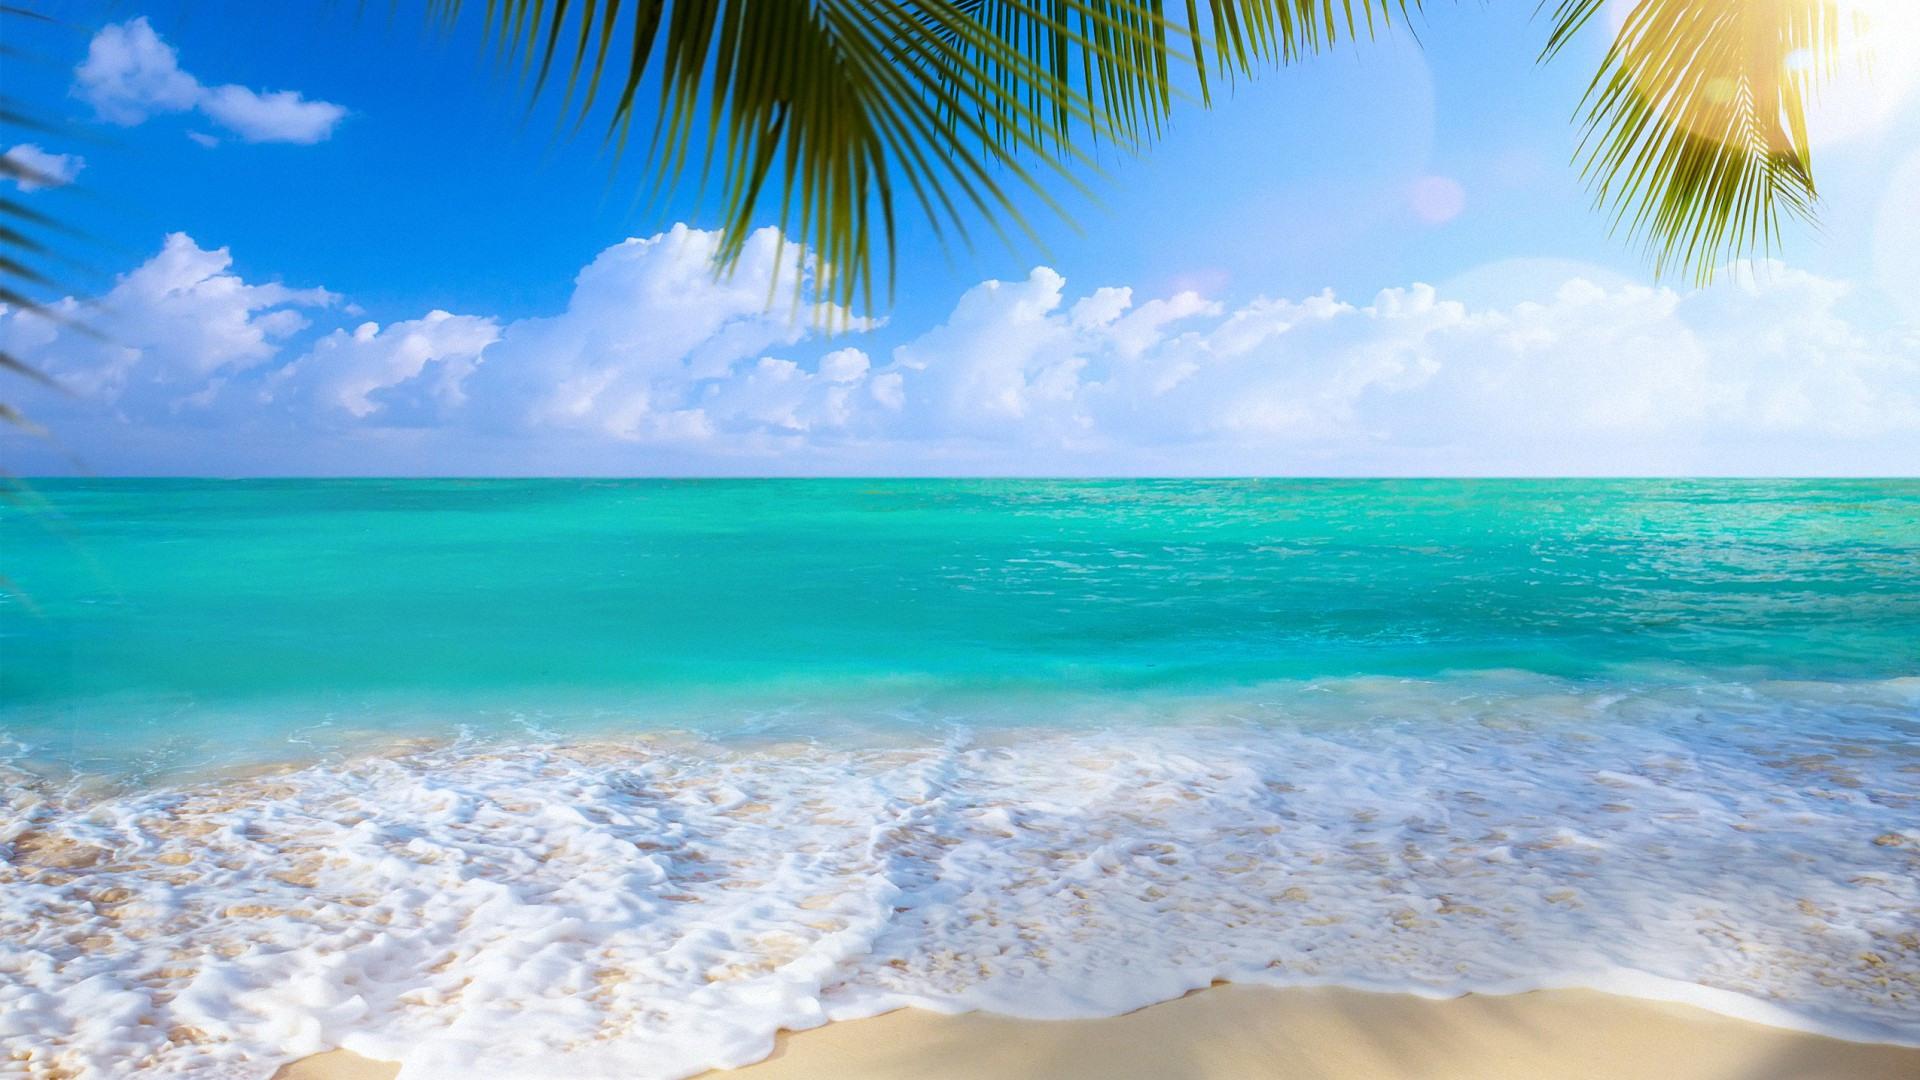 Красивые картинки на заставку пляж